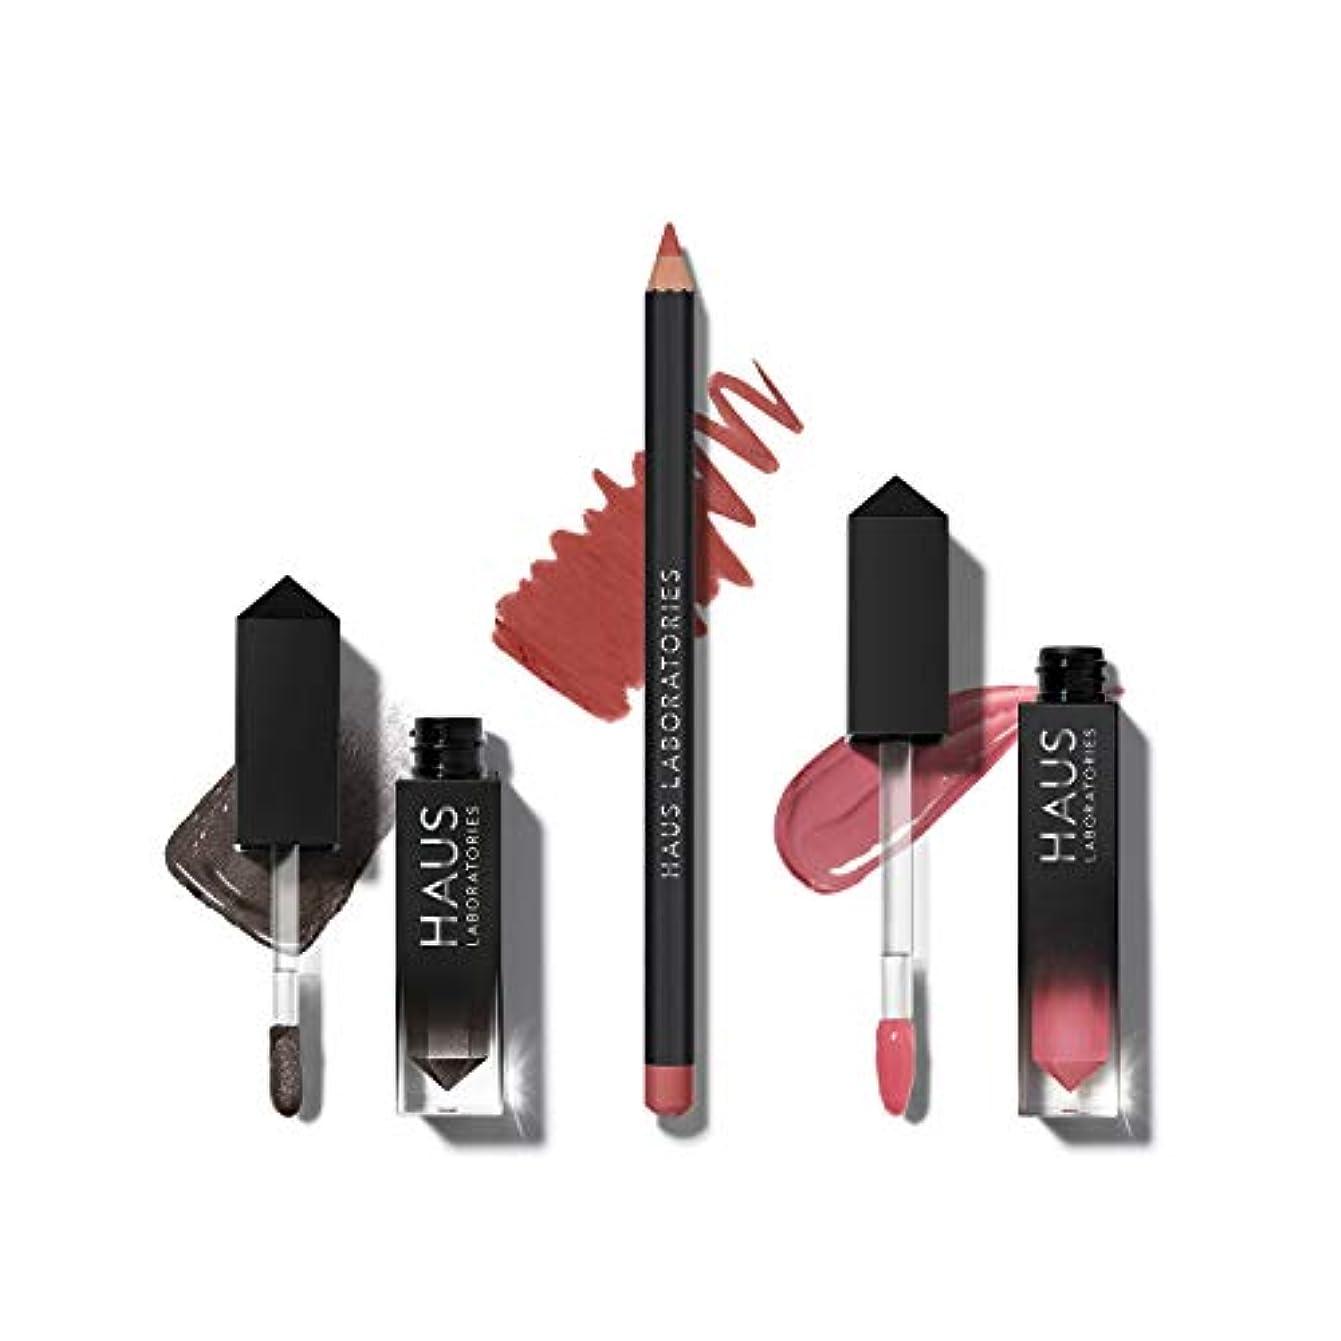 労苦有料クリーム【プライムデー記念発売】HAUS LABORATORIES HAUS of Collections 3点セット All-Over Color, Lip Gloss, Lip Liner (HAUS of Metalhead)